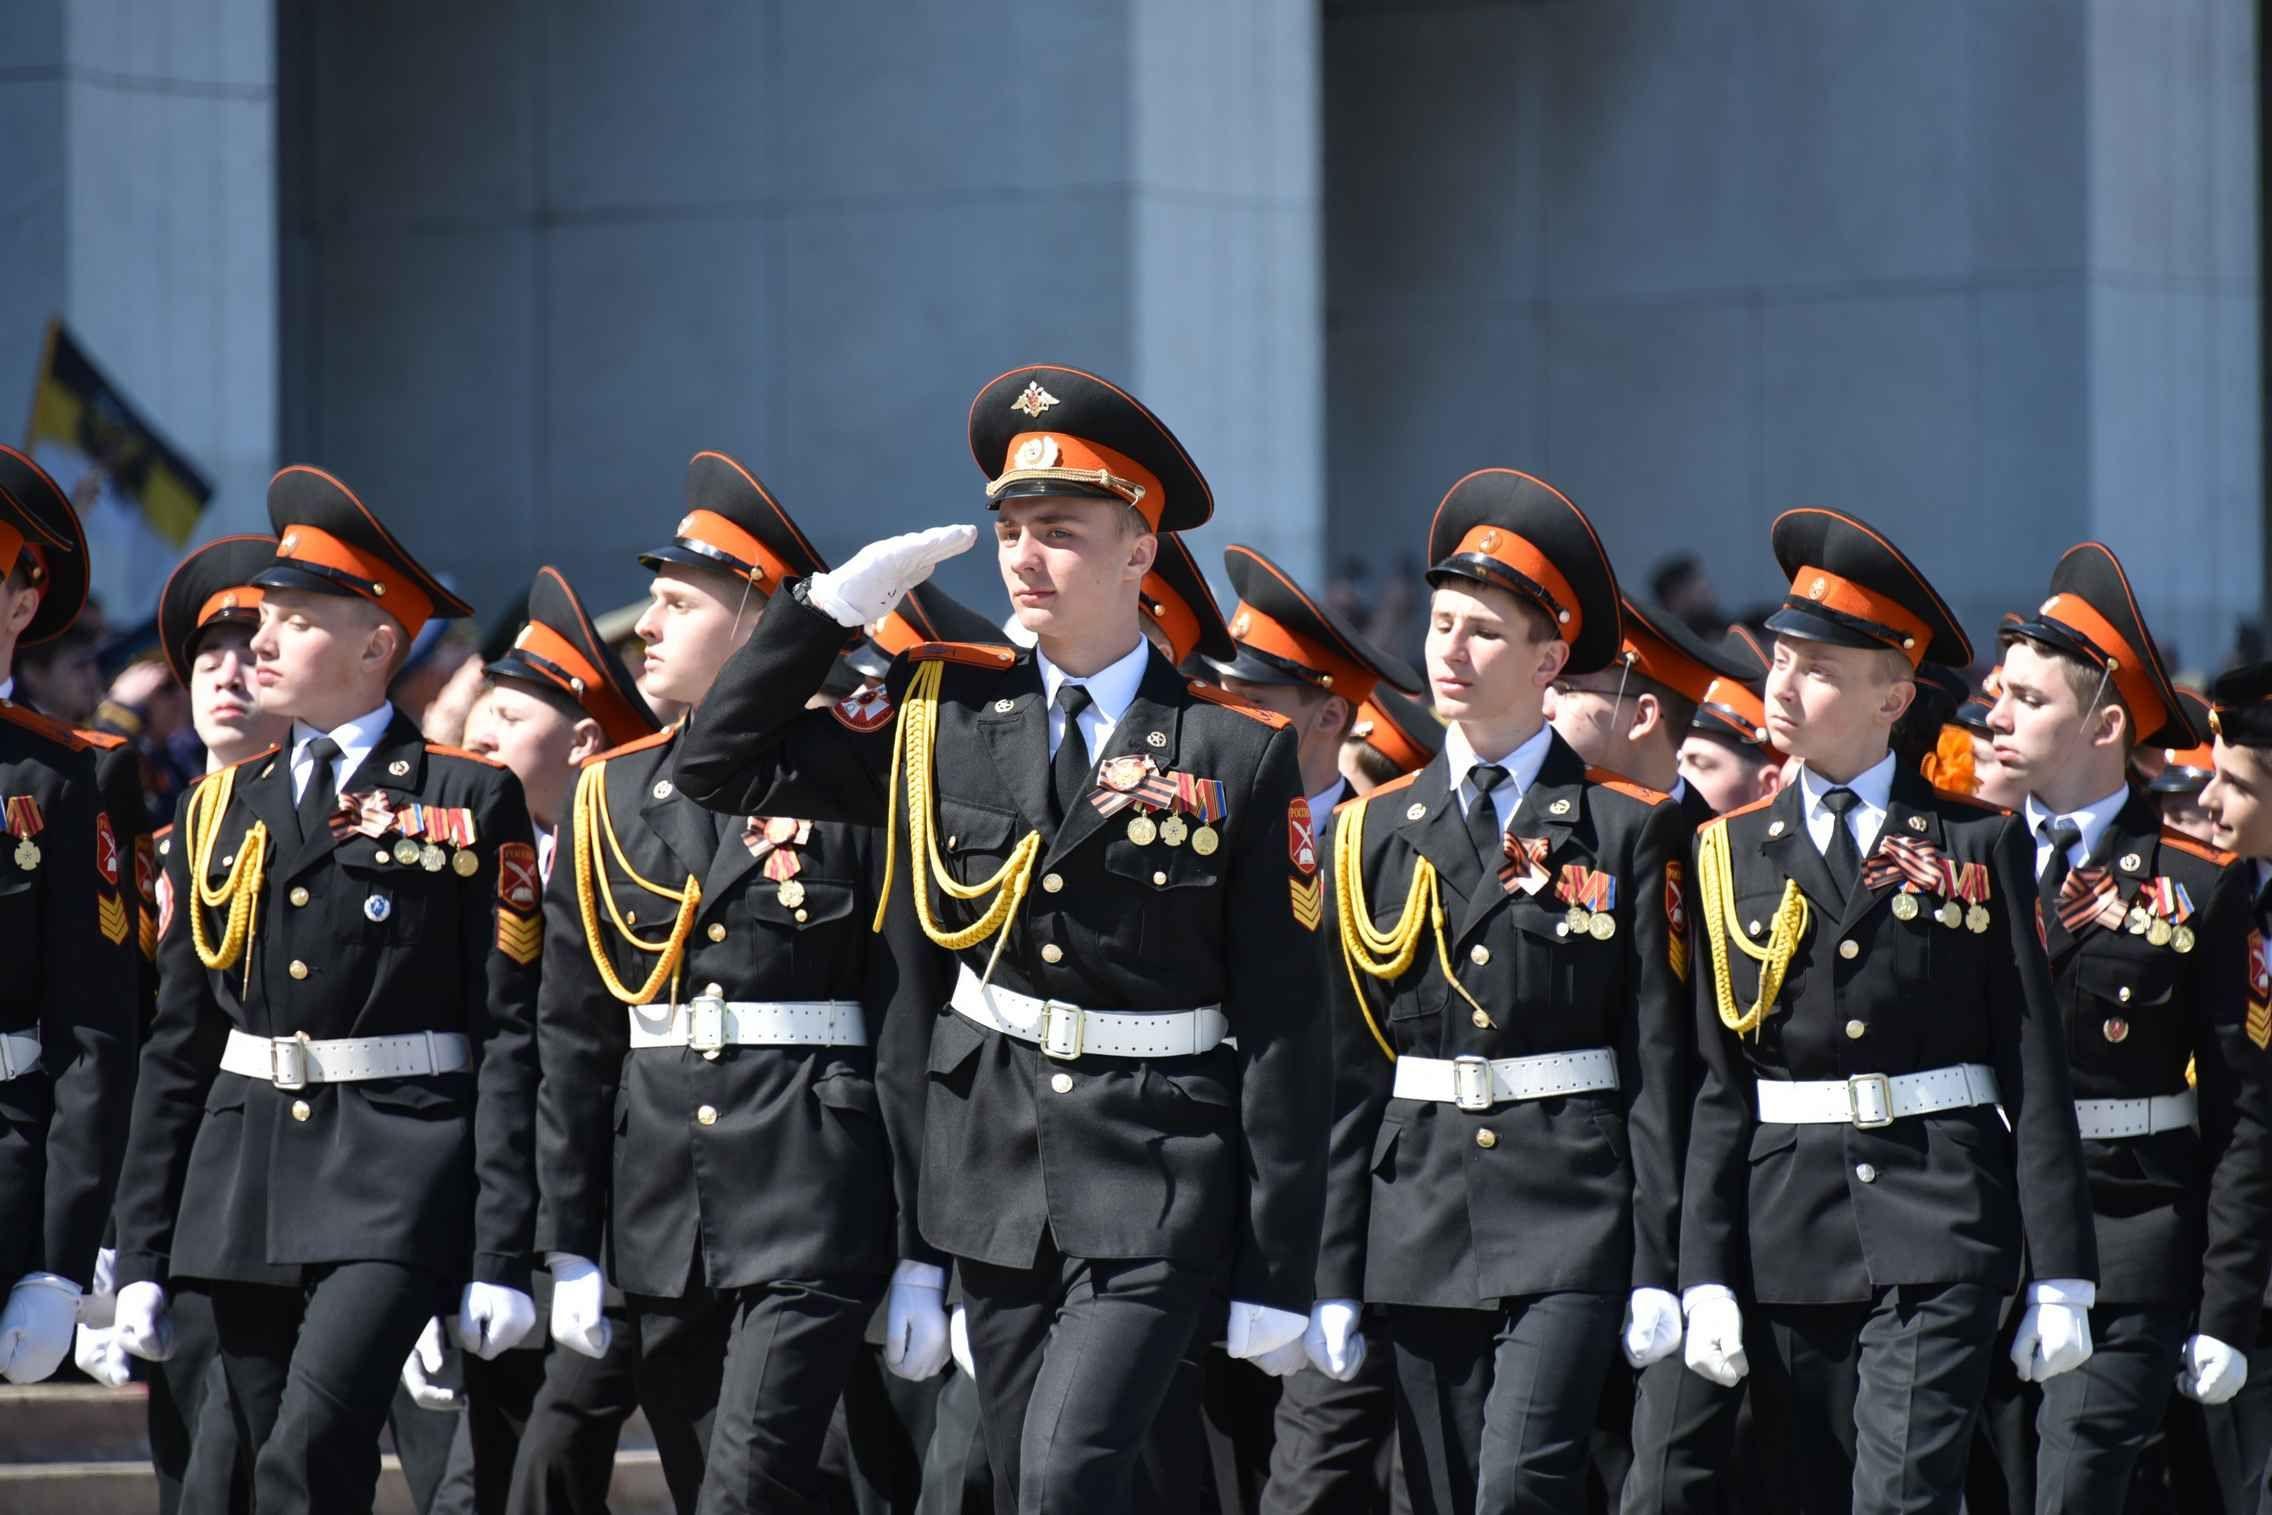 Более 2,5 тысячи кадетов пронесут копию Знамени Победы